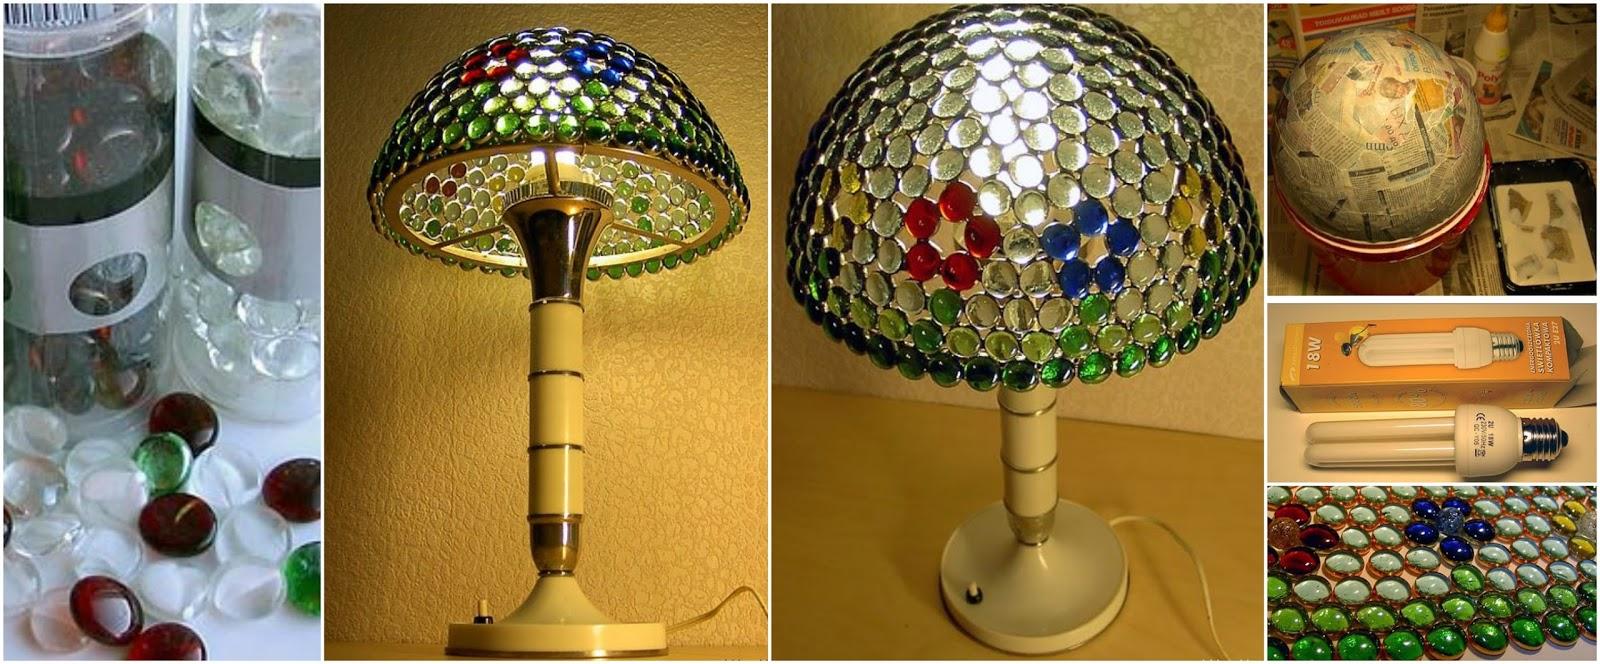 Aprende c mo hacer una lampara de mesa con gemas de vidrio - Como hacer una lampara de mesa ...